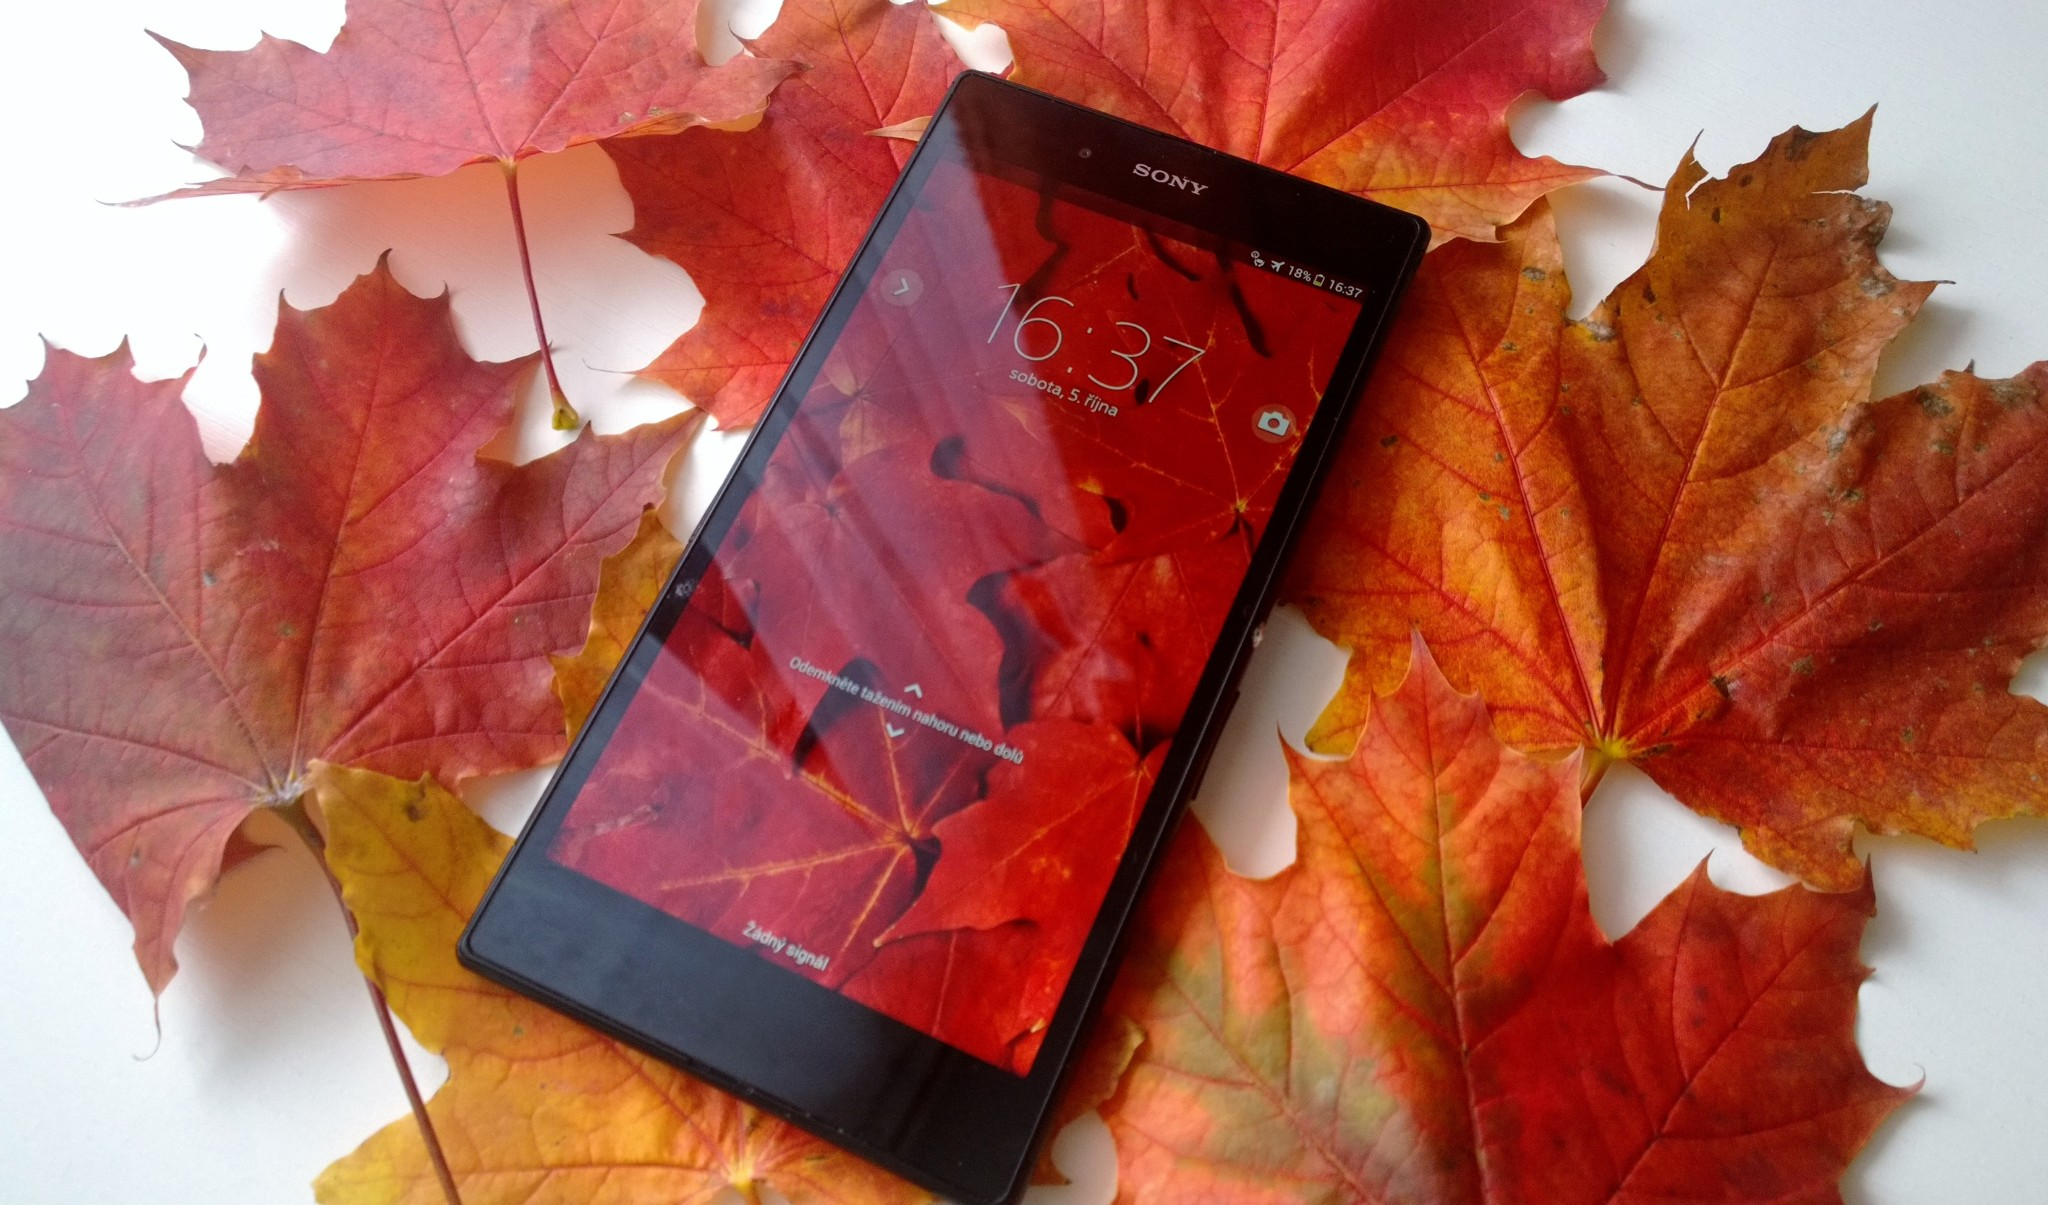 Sony Xperia Z Ultra – první phablet od Sony [recenze]